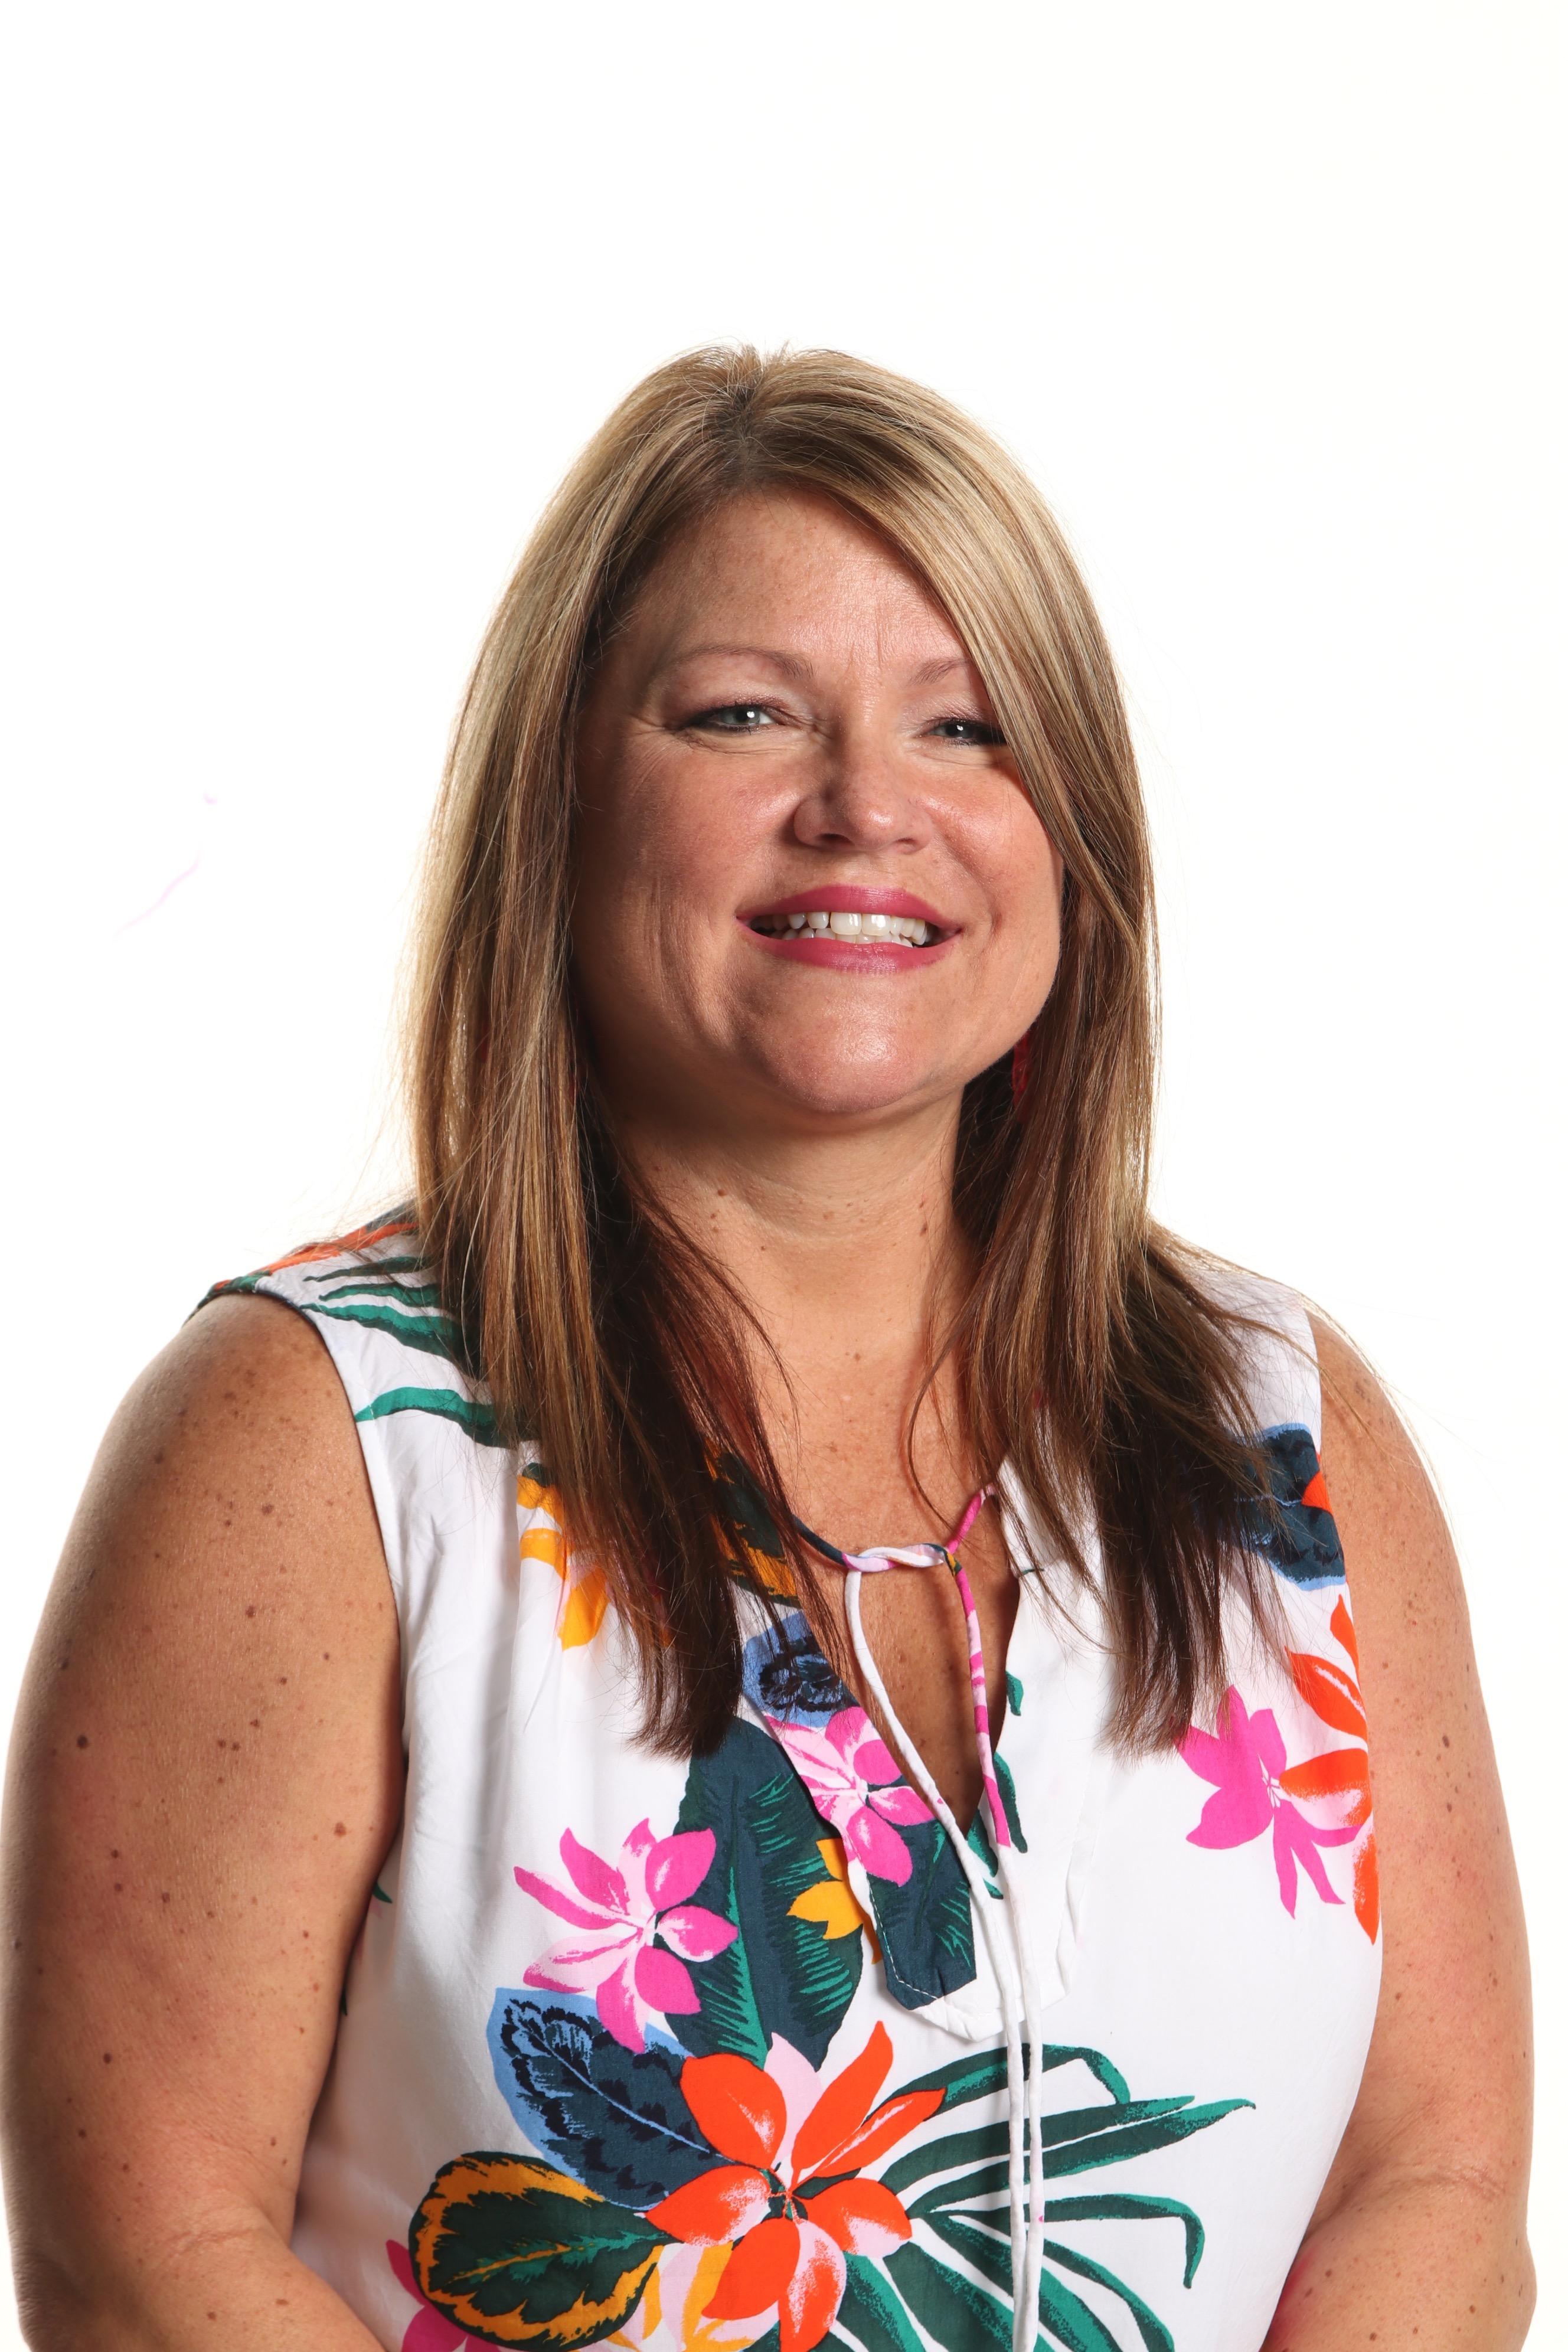 Kelly Brisco